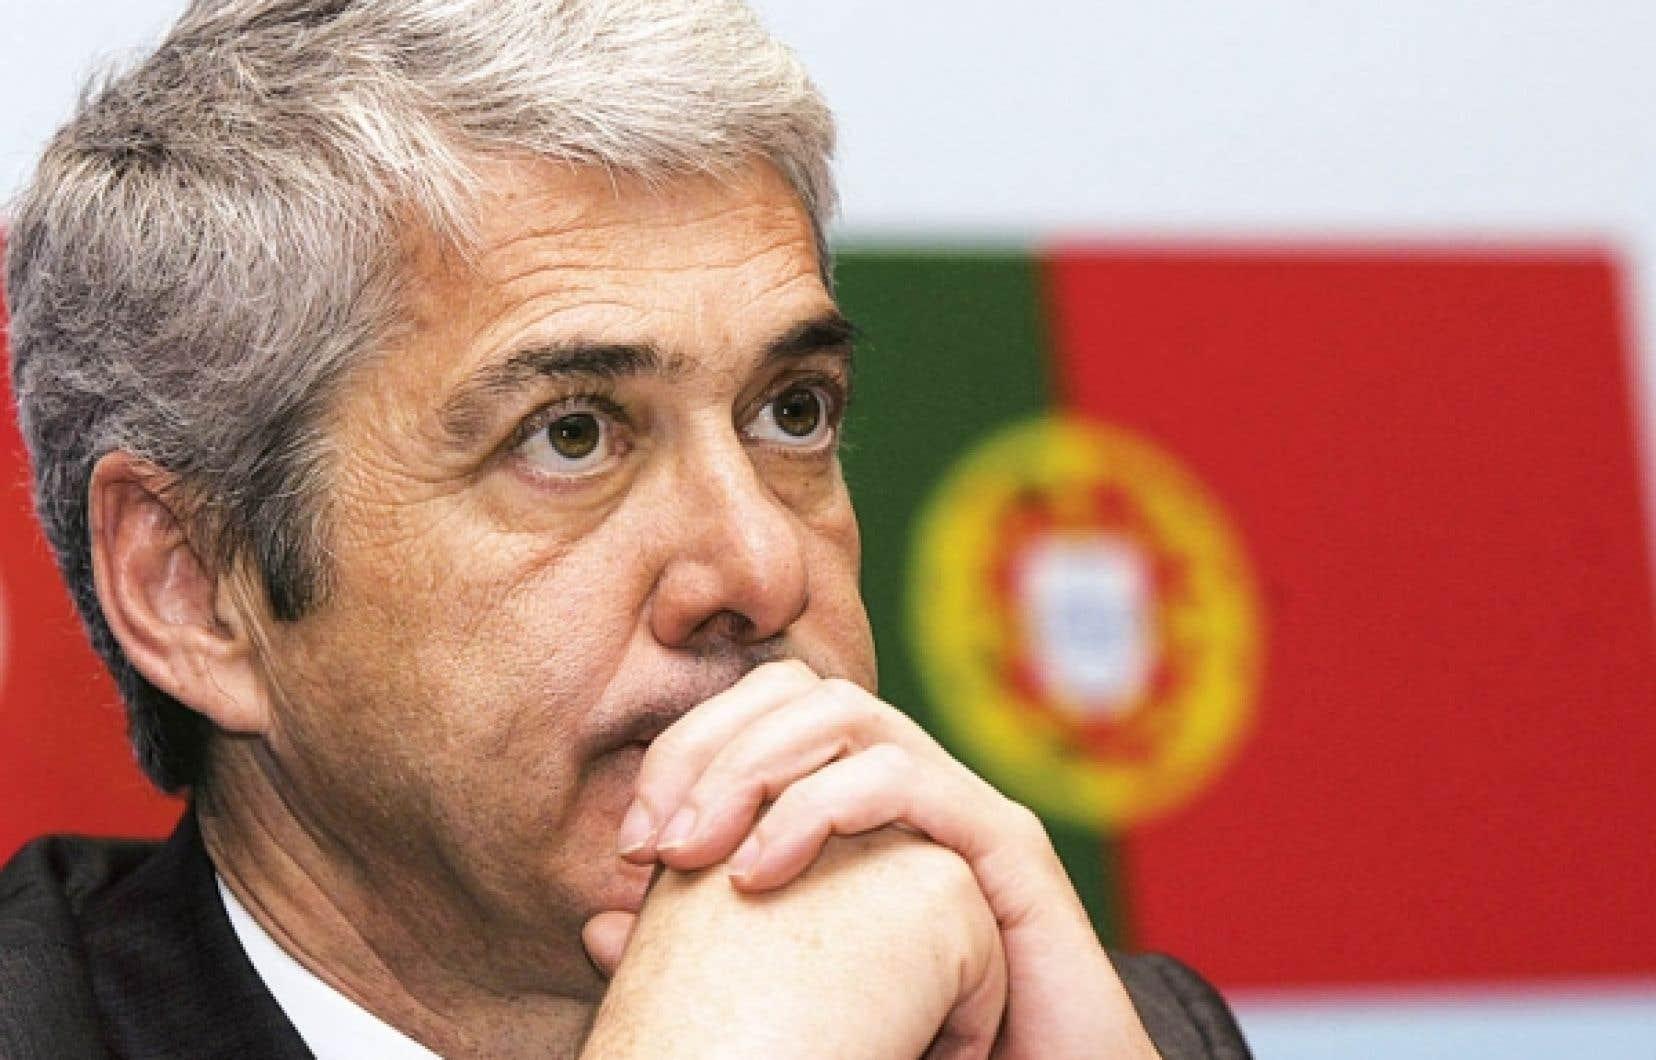 José Socrates, premier ministre du Portugal<br />